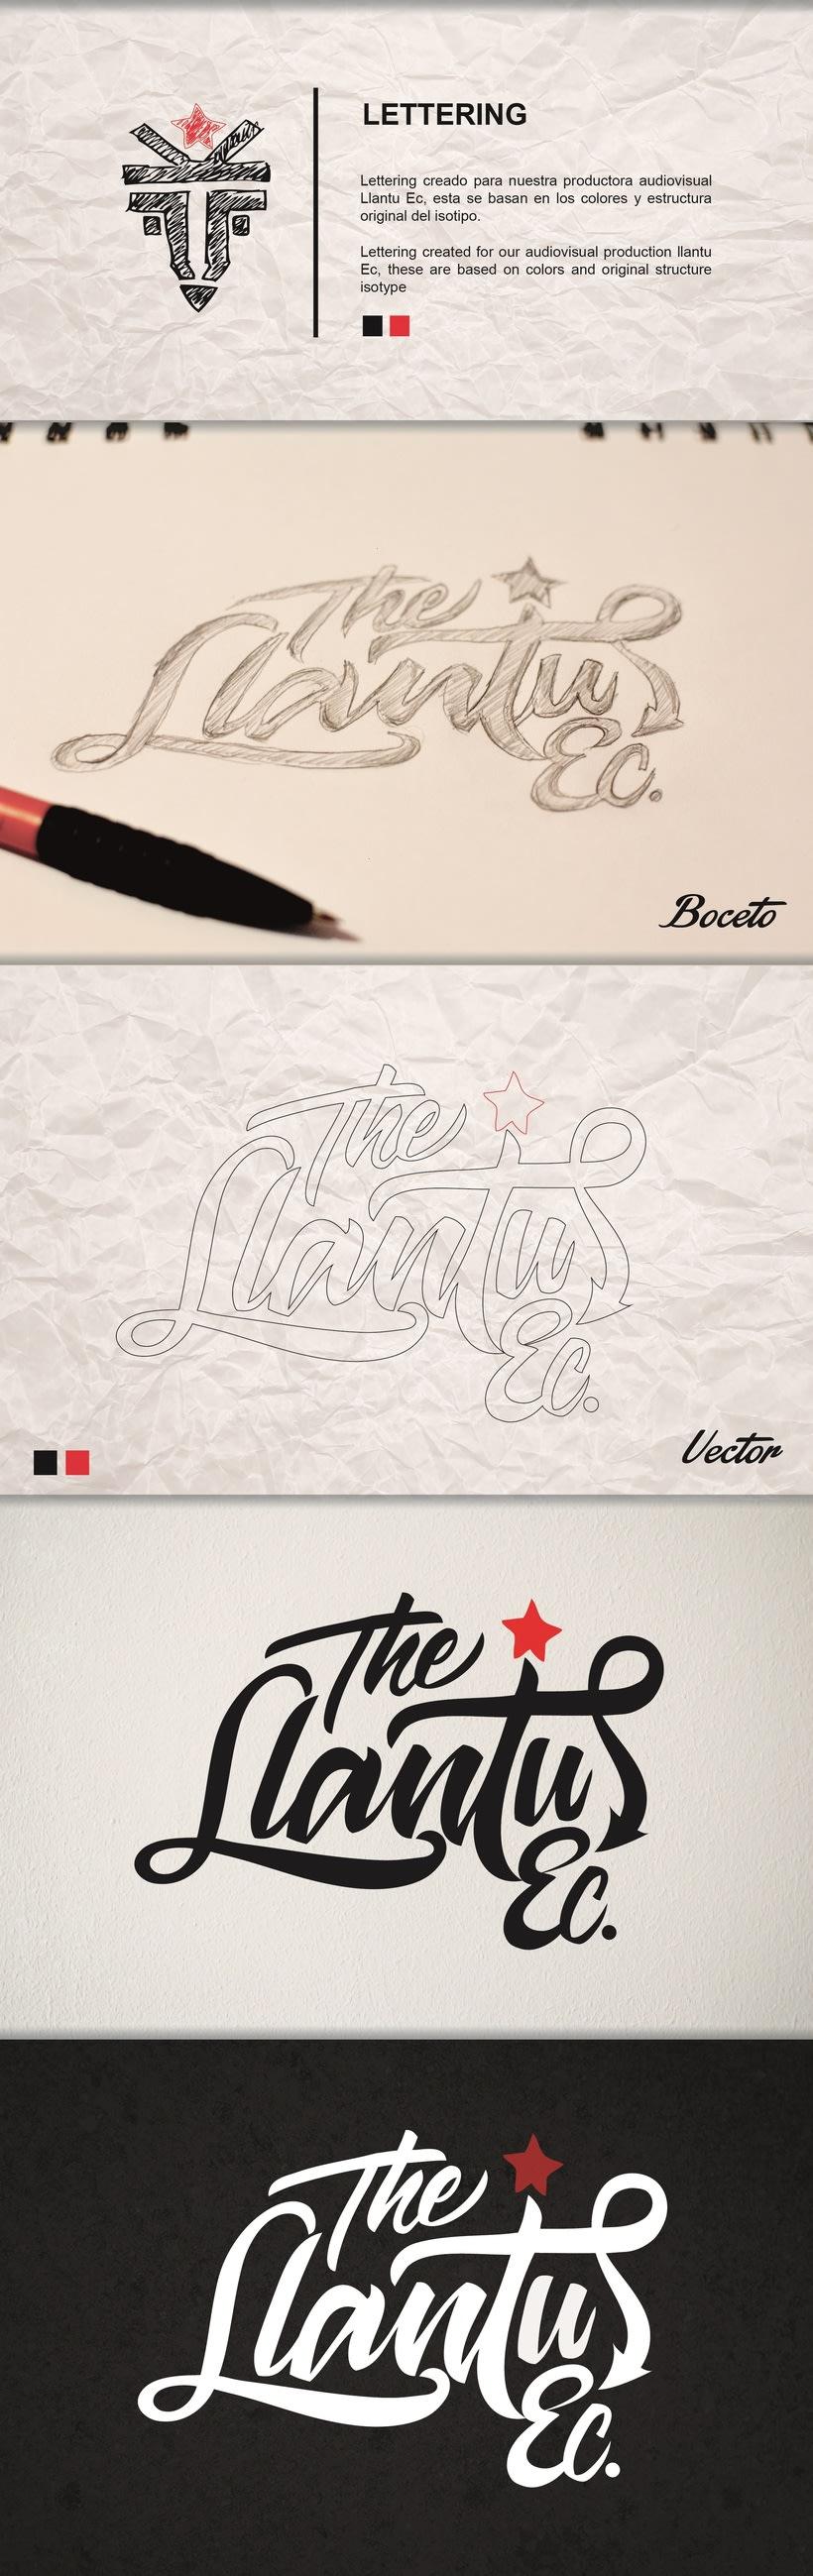 Lettering, Letras - Logotipo Llantu Ecuador 0